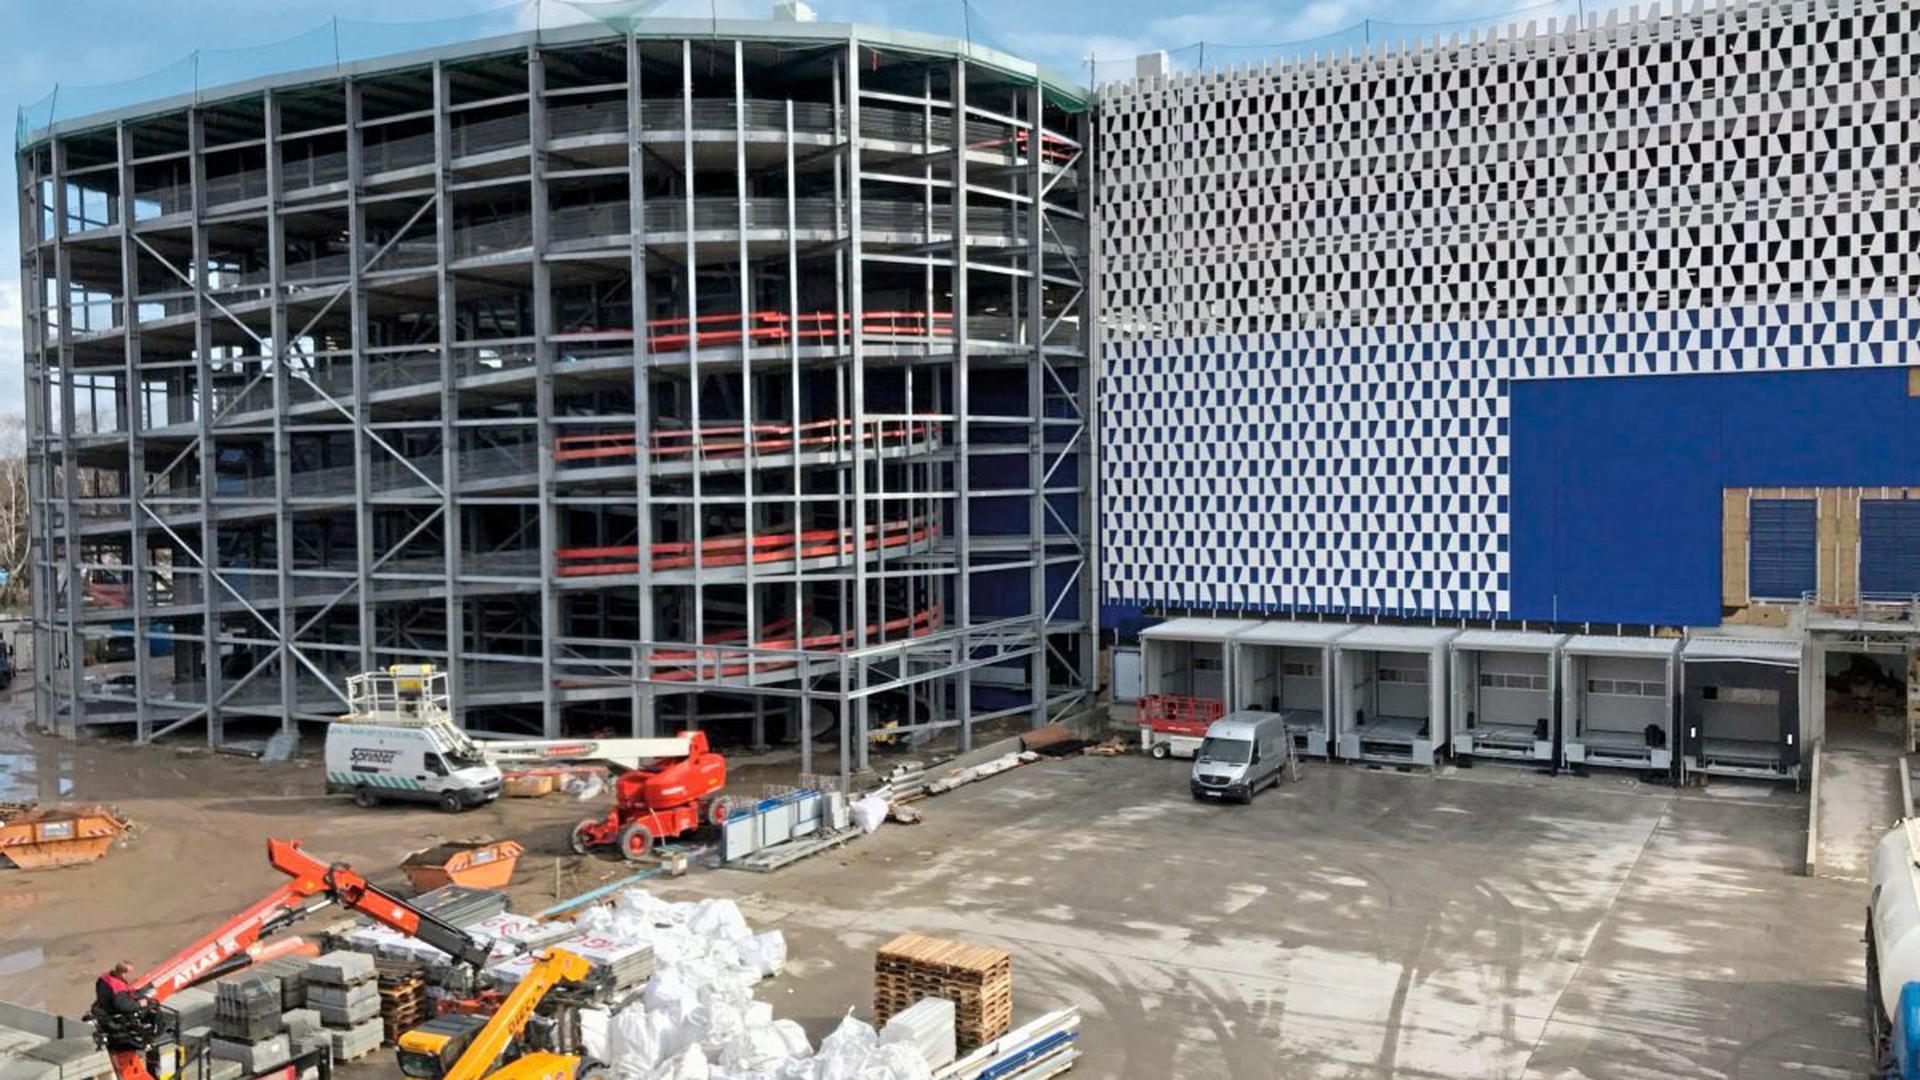 Baustelle Ikea Karlsruhe: Der Außenbereich ist noch besonders chaotisch.